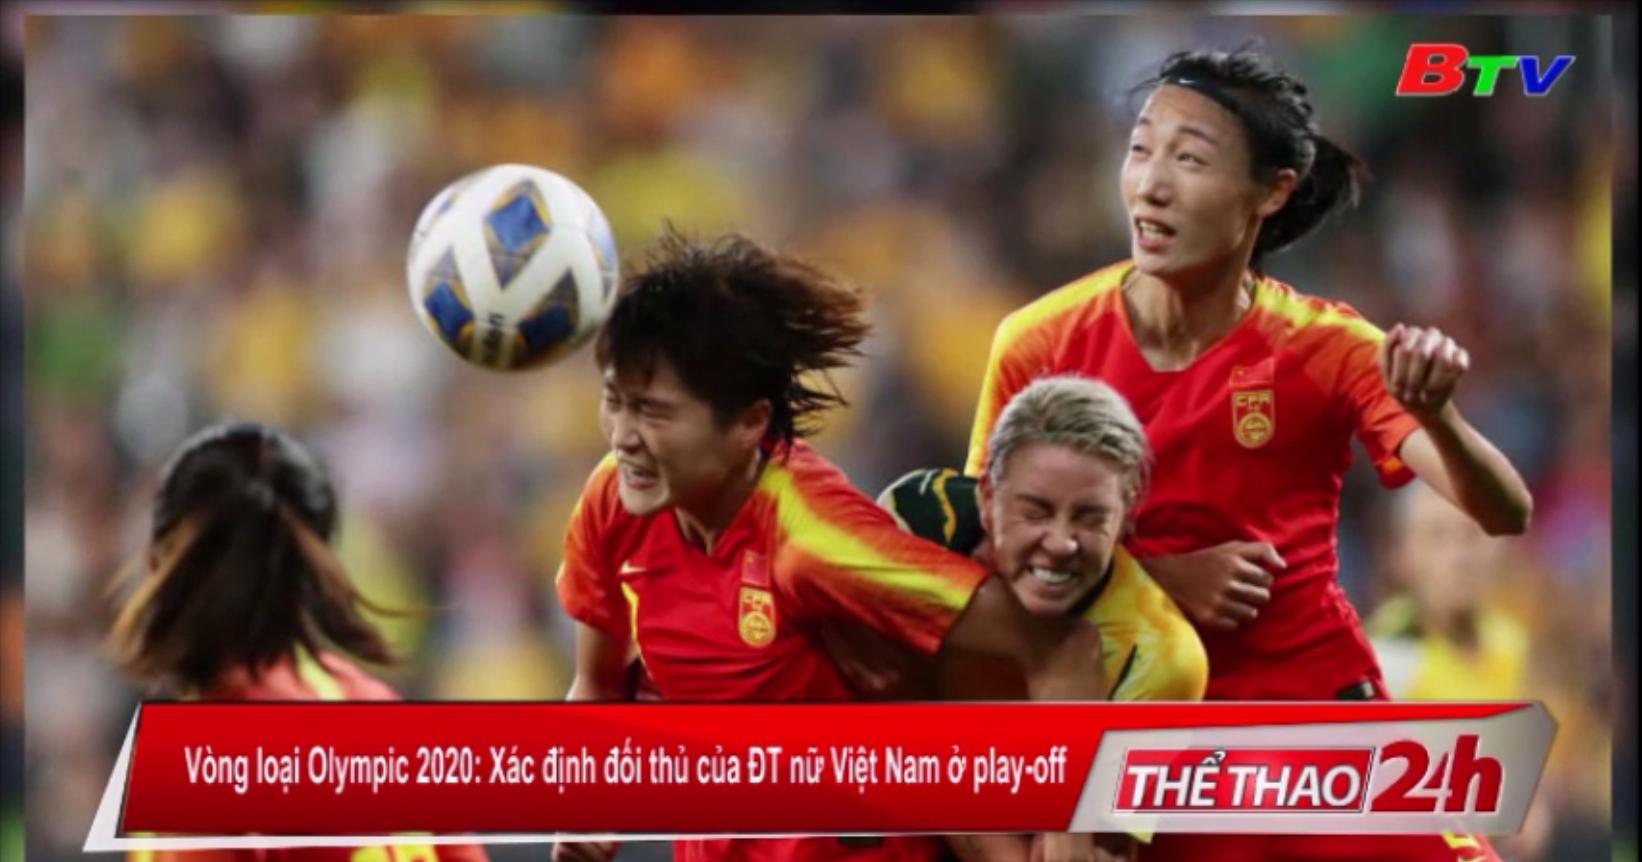 Vòng loại Olympic Tokyo 2020 - Xác định đối thủ của ĐT nữ Việt Nam ở play-off